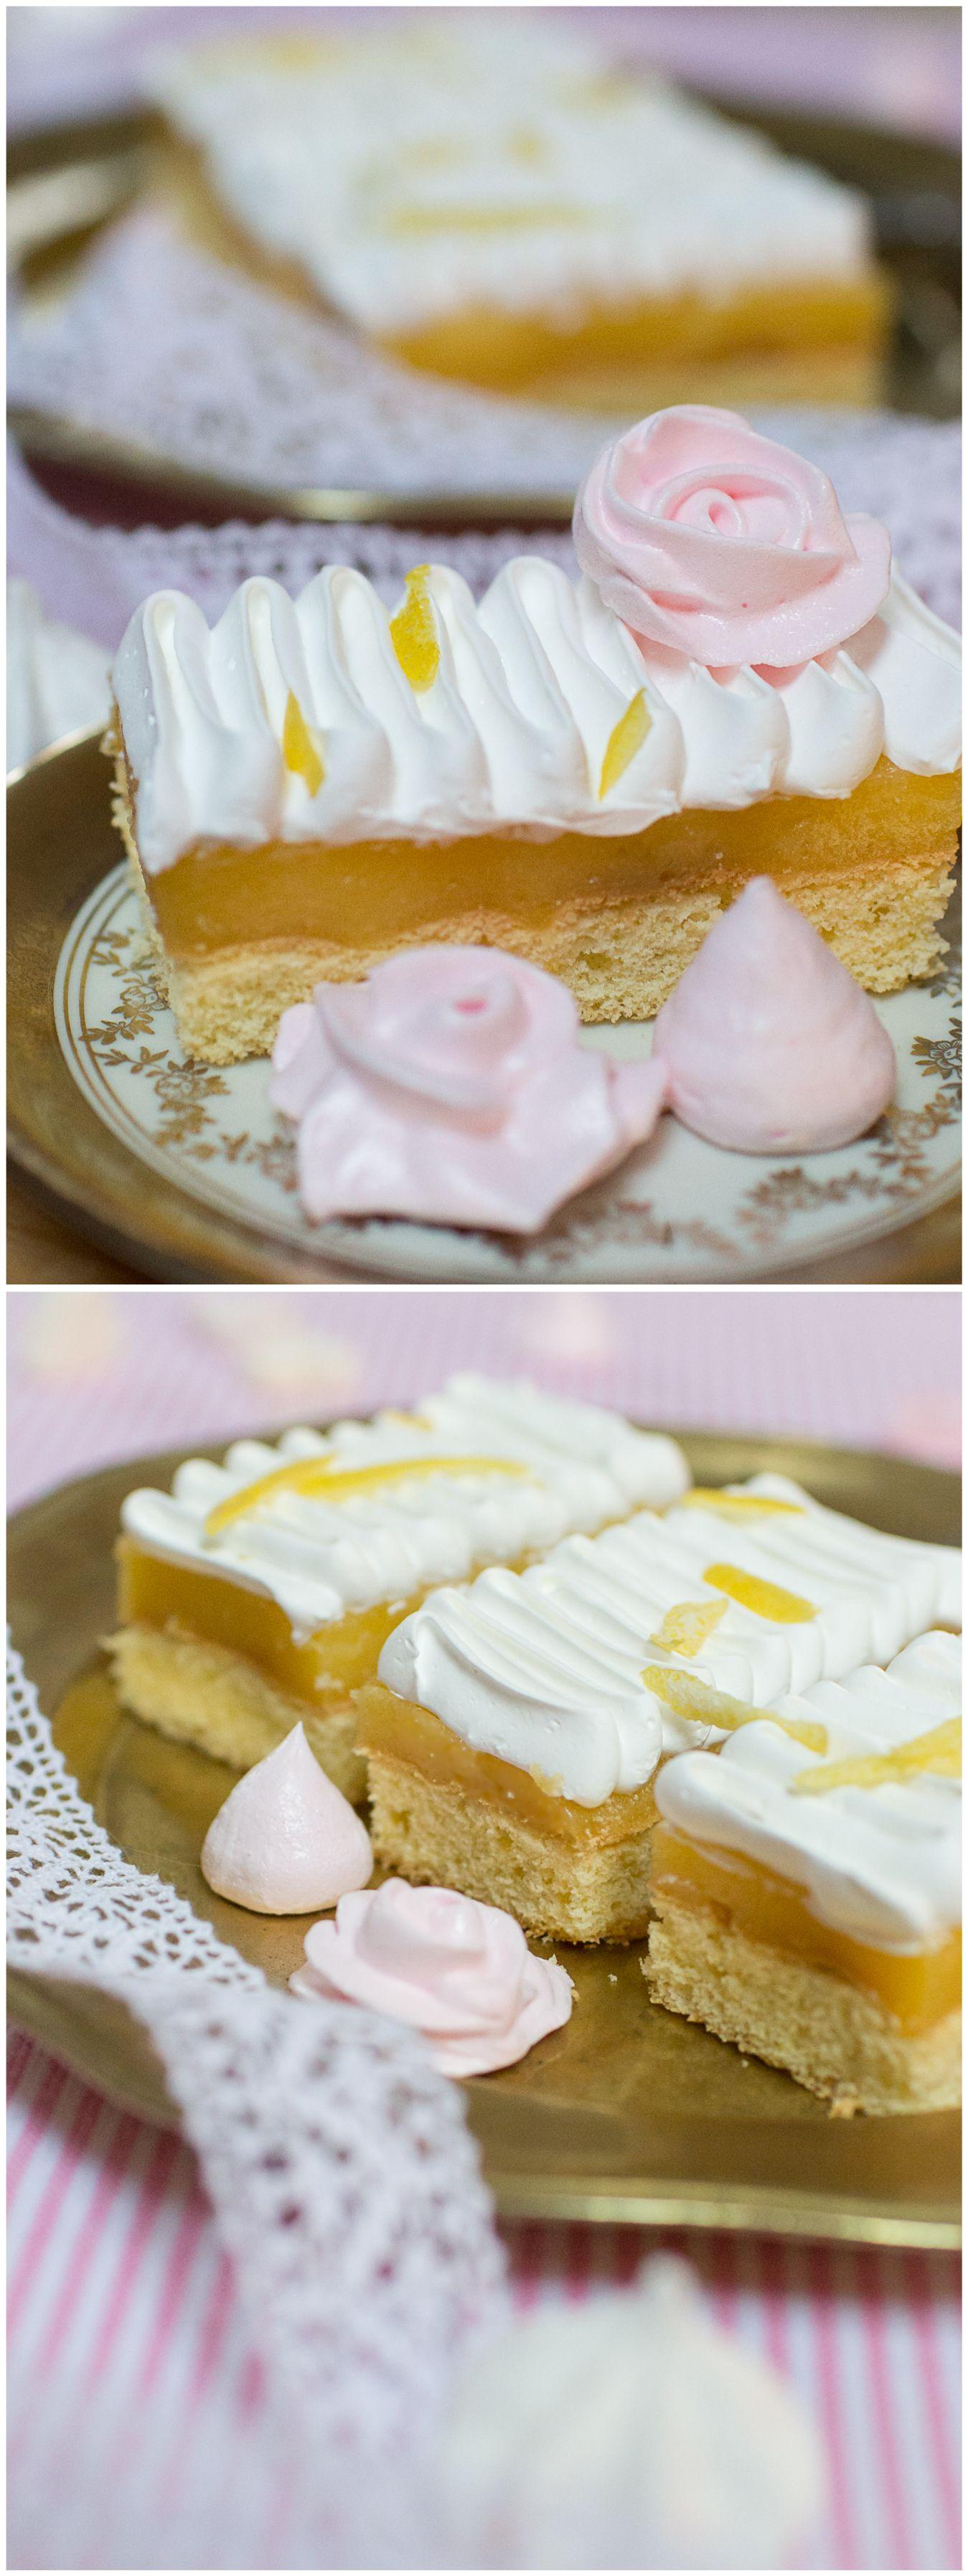 Frau Zuckerfee Lemon curd cakeRezept fr Zitronenkuchen mit Baiser  Torten  Kuchen in 2019